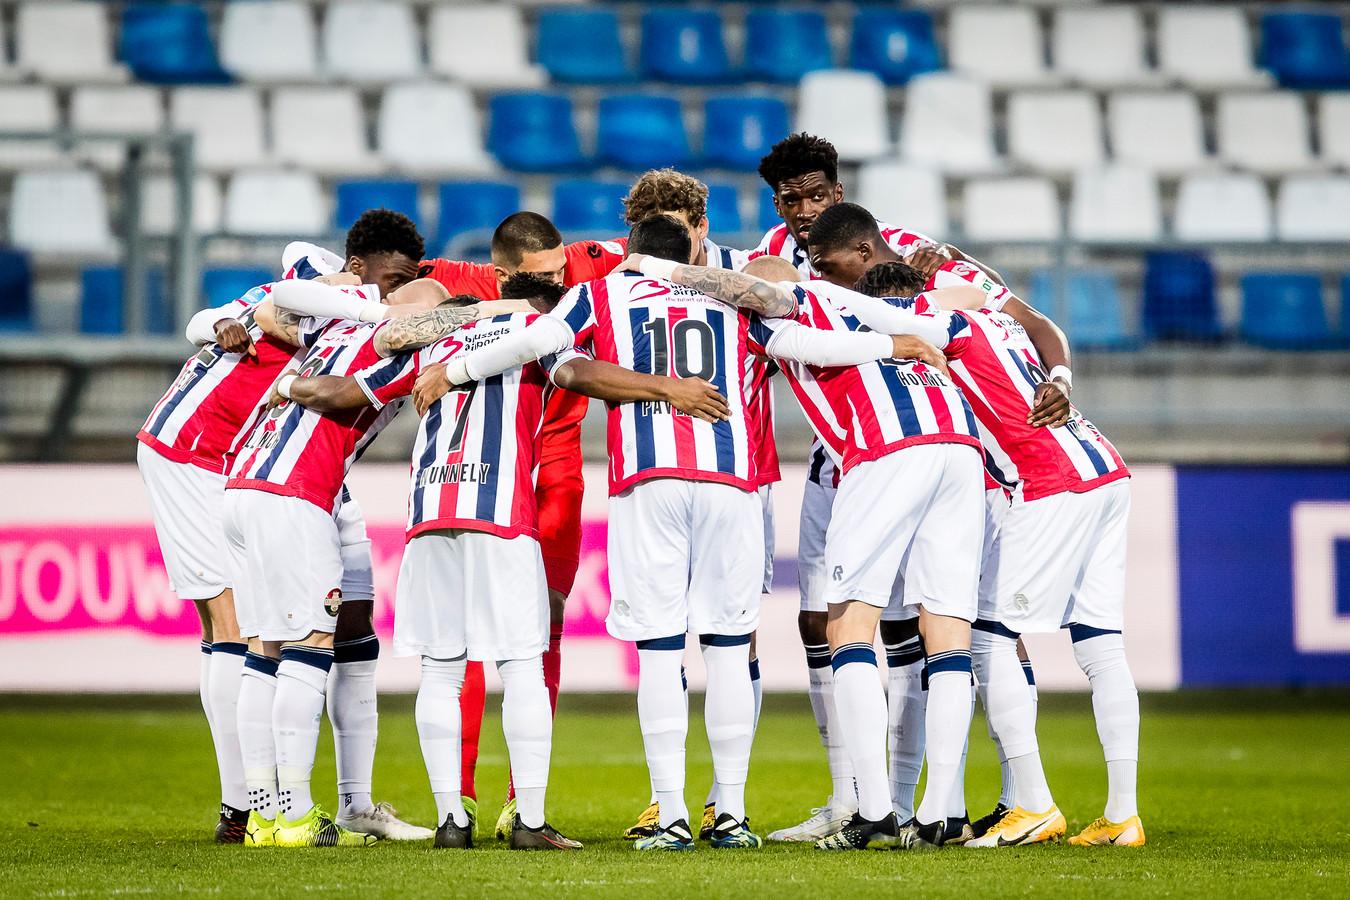 De basiself van de afgelopen weken in de zogeheten huddle voor de wedstrijd, waarbij de spelers elkaar moed inpraten.